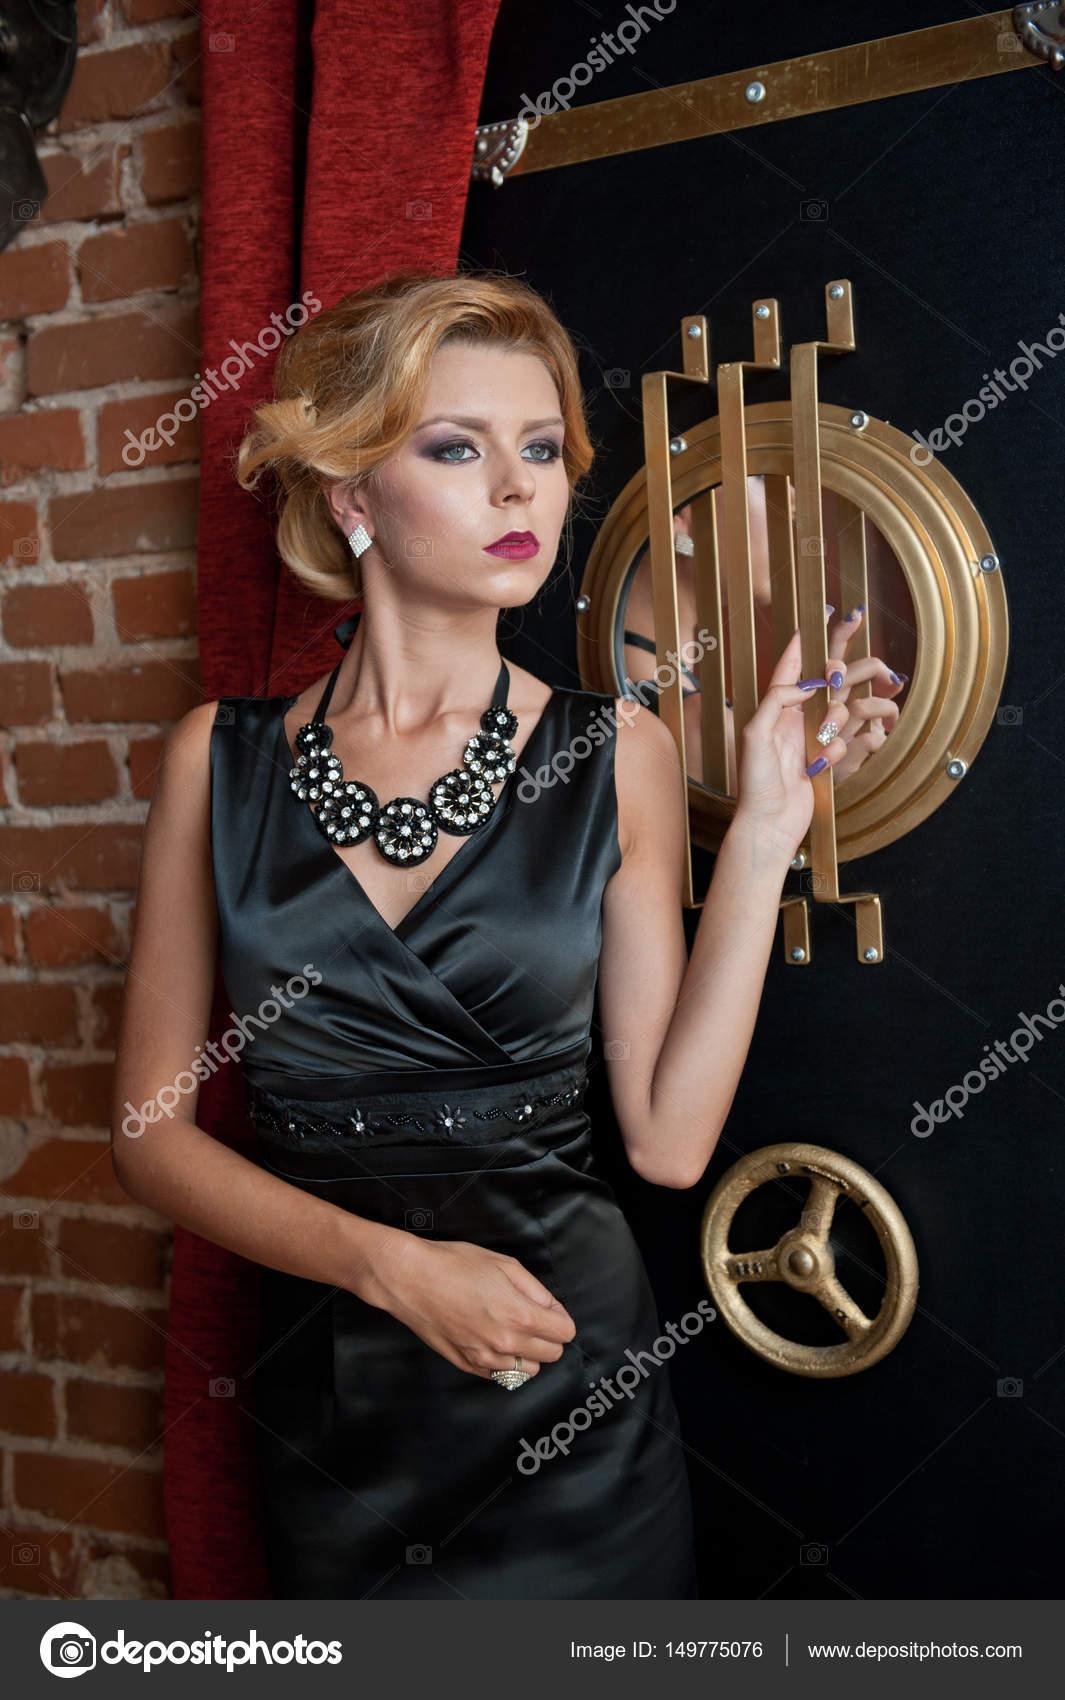 85dd88c5d56 Модным чувственный привлекательной леди с Черное платье стоя возле Сейф в  старинных сцены. Короткие волосы блондинка с творческой стрижка и звезда  кино ...